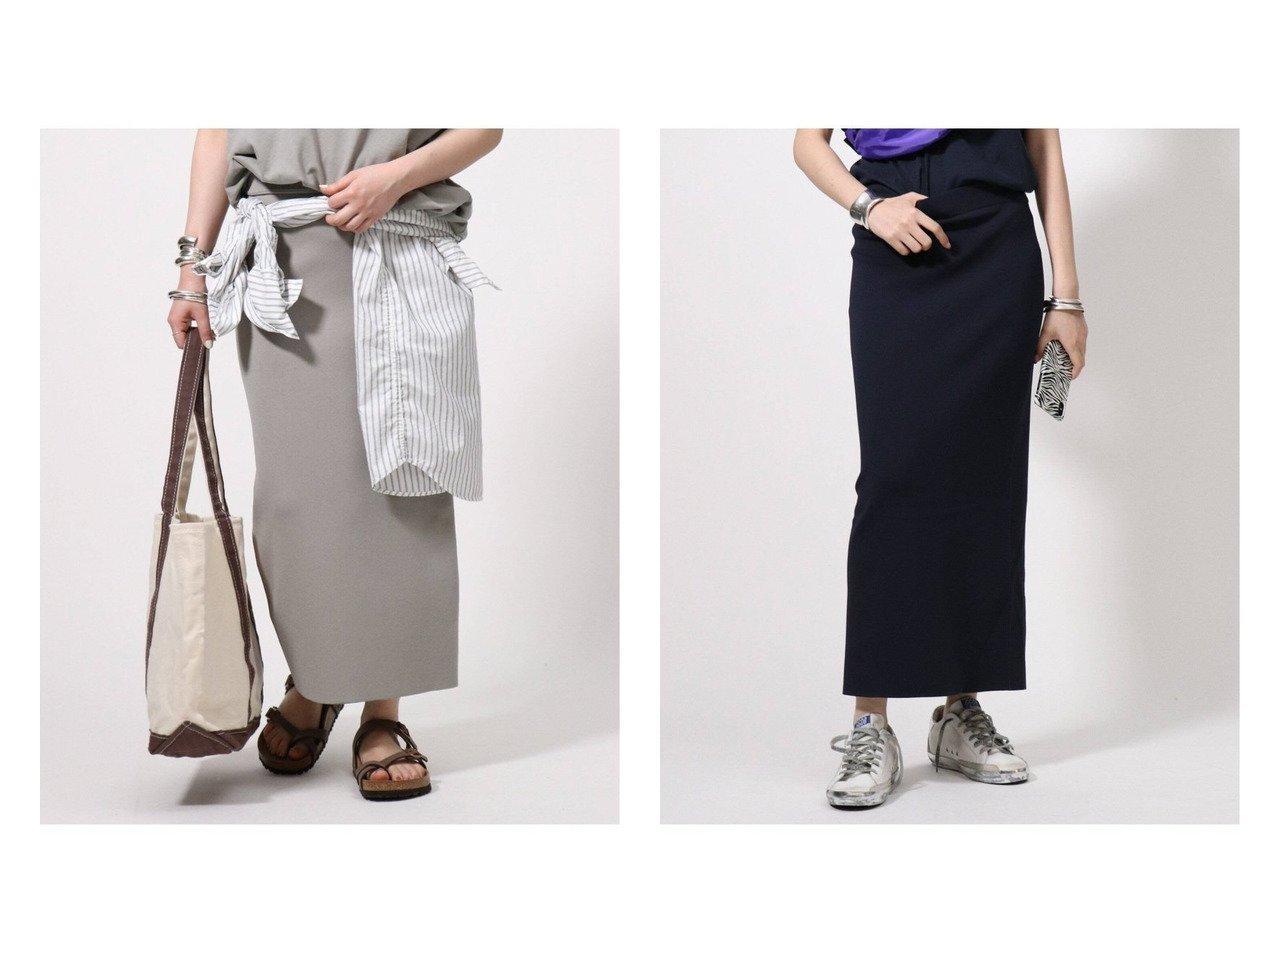 【AP STUDIO/エーピーストゥディオ】の(ツイカ)スムースタイトスカート 【スカート】おすすめ!人気トレンド・レディースファッション通販 おすすめで人気の流行・トレンド、ファッションの通販商品 インテリア・家具・メンズファッション・キッズファッション・レディースファッション・服の通販 founy(ファニー) https://founy.com/ ファッション Fashion レディースファッション WOMEN スカート Skirt NEW・新作・新着・新入荷 New Arrivals おすすめ Recommend カットソー フィット  ID:crp329100000052939